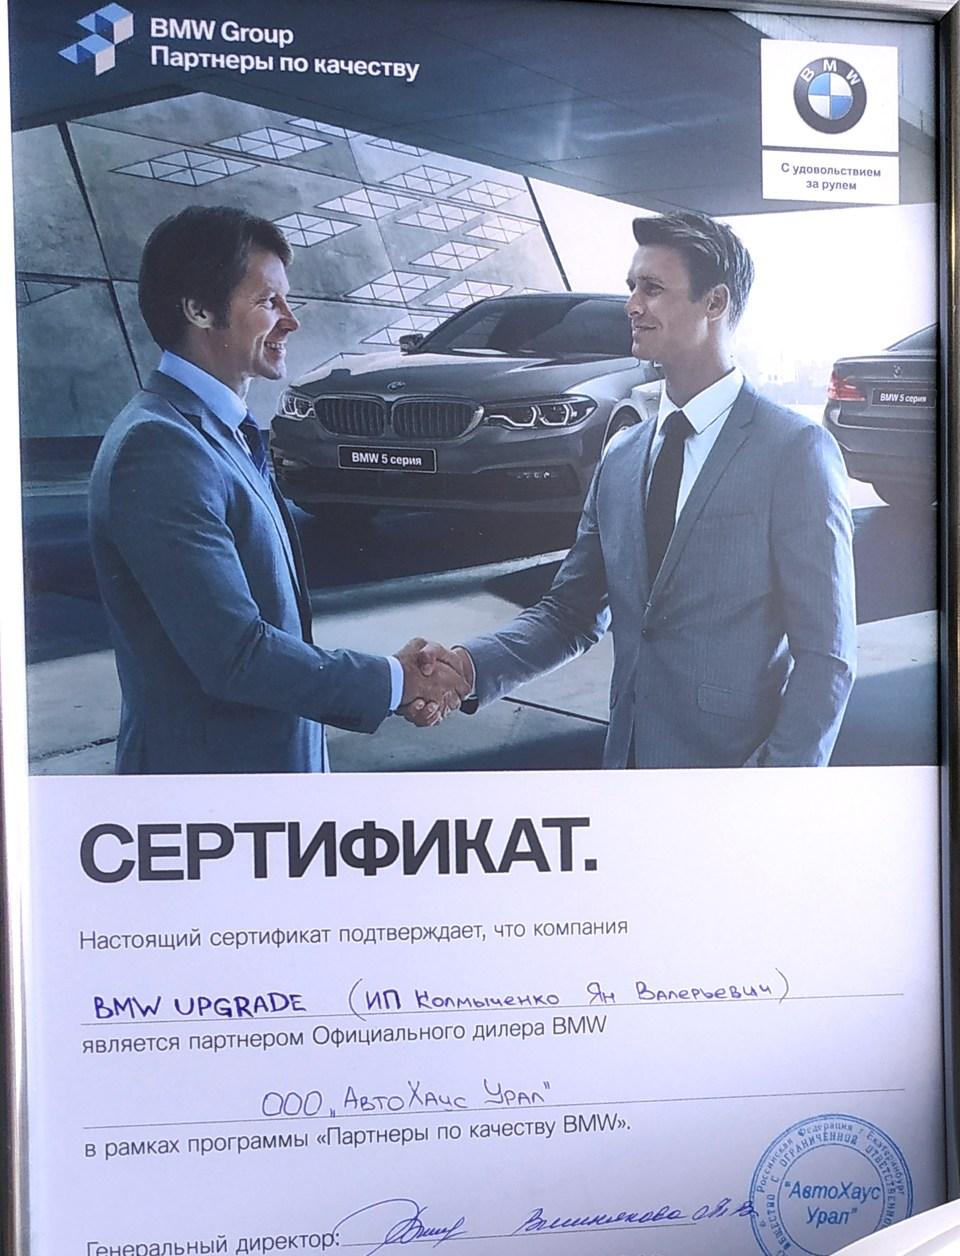 сертификат, партнер по качеству, BMW Group